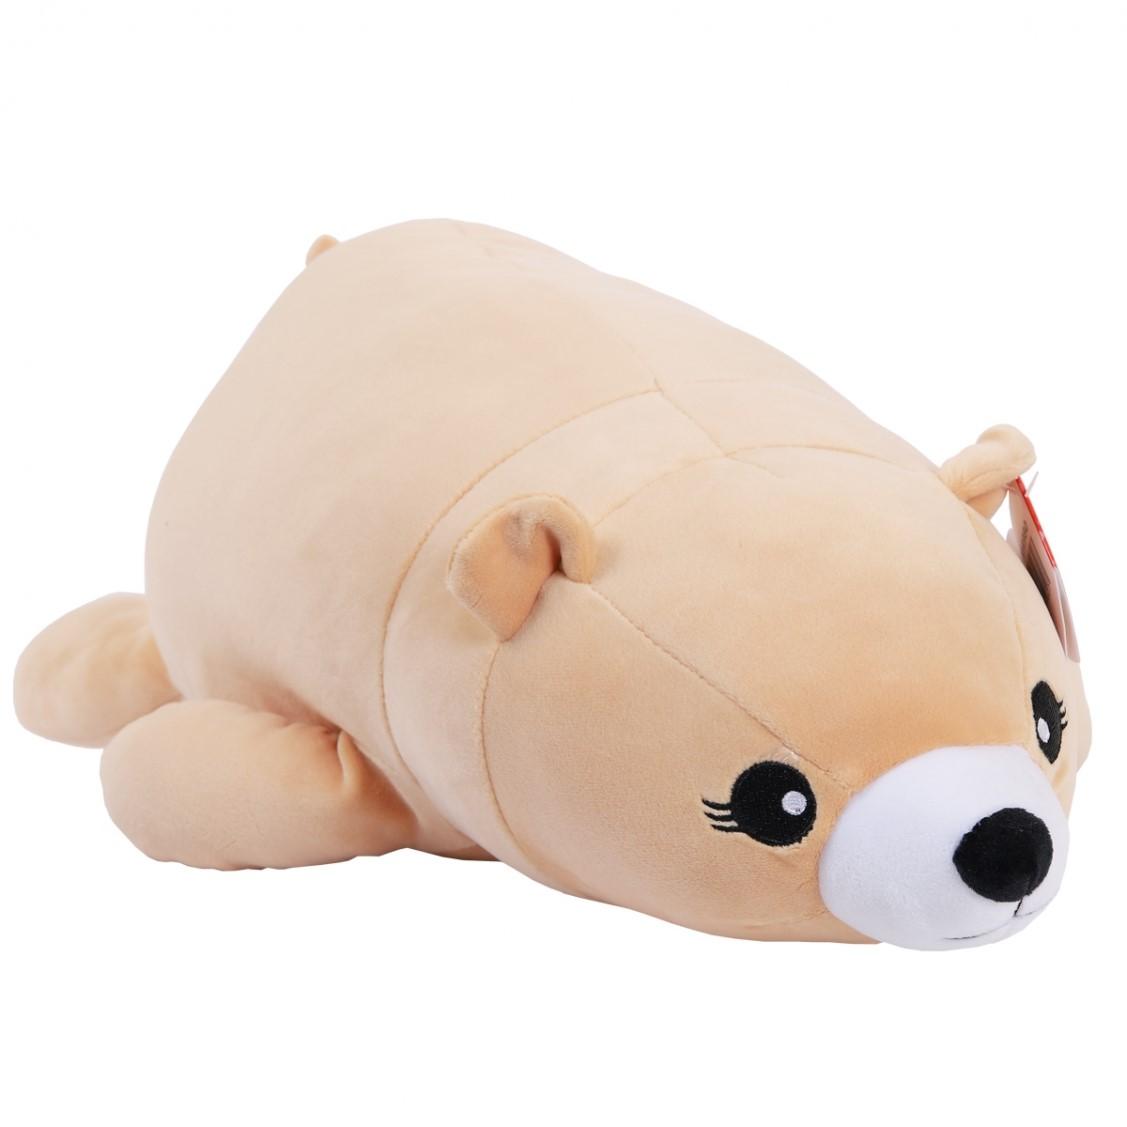 Купить Мягкая игрушка ABtoys Super soft, Медведь бежевый, 45 см,